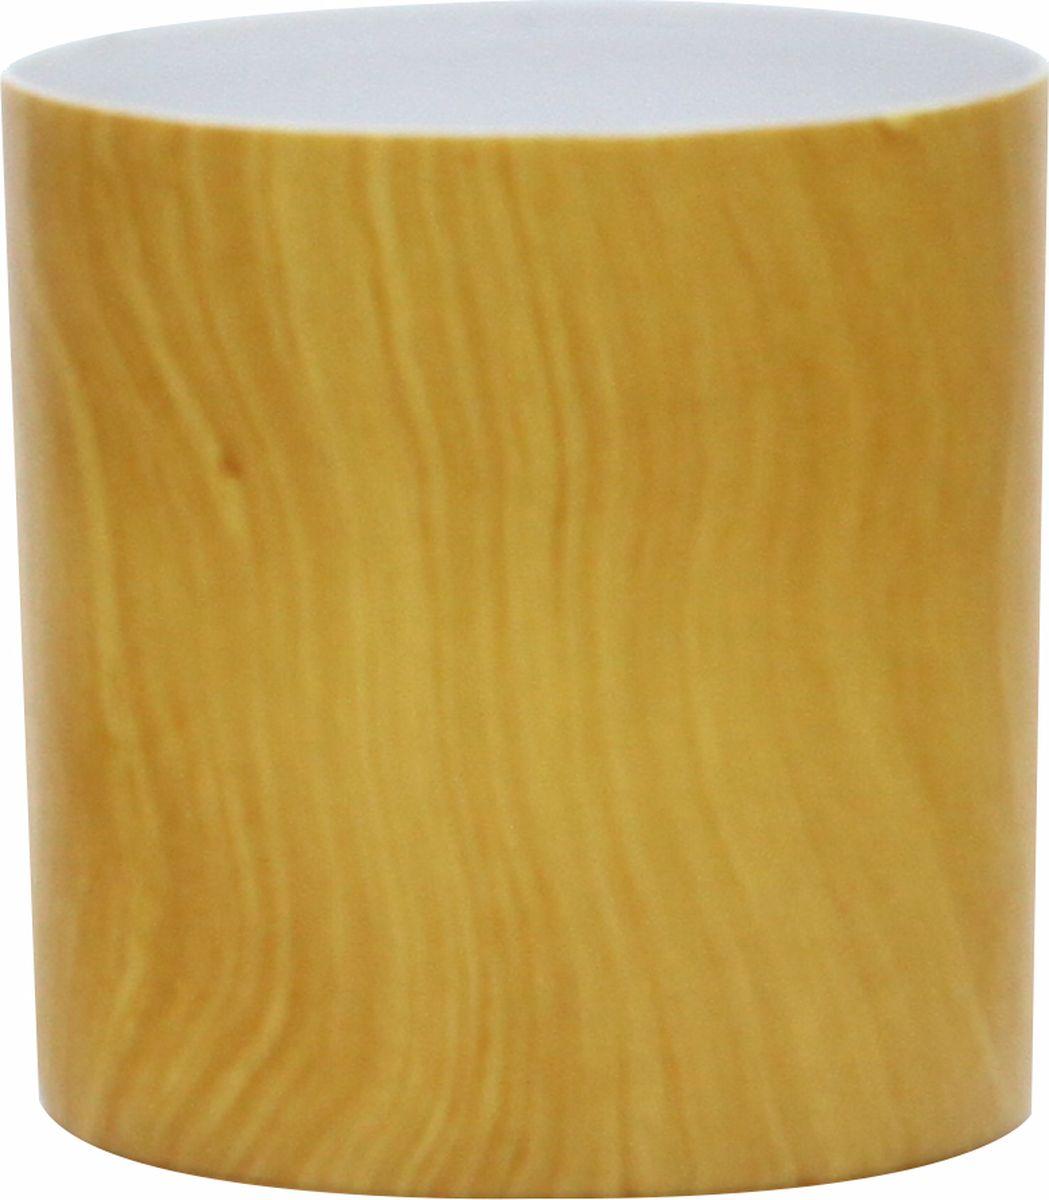 Подсвечник Proffi Песчаная буря, цвет: бежевый, высота 6,5 см1507729EФарфоровый Подсвечник Песчанная буря, диаметр 6,3 см, высота 6,5 см.